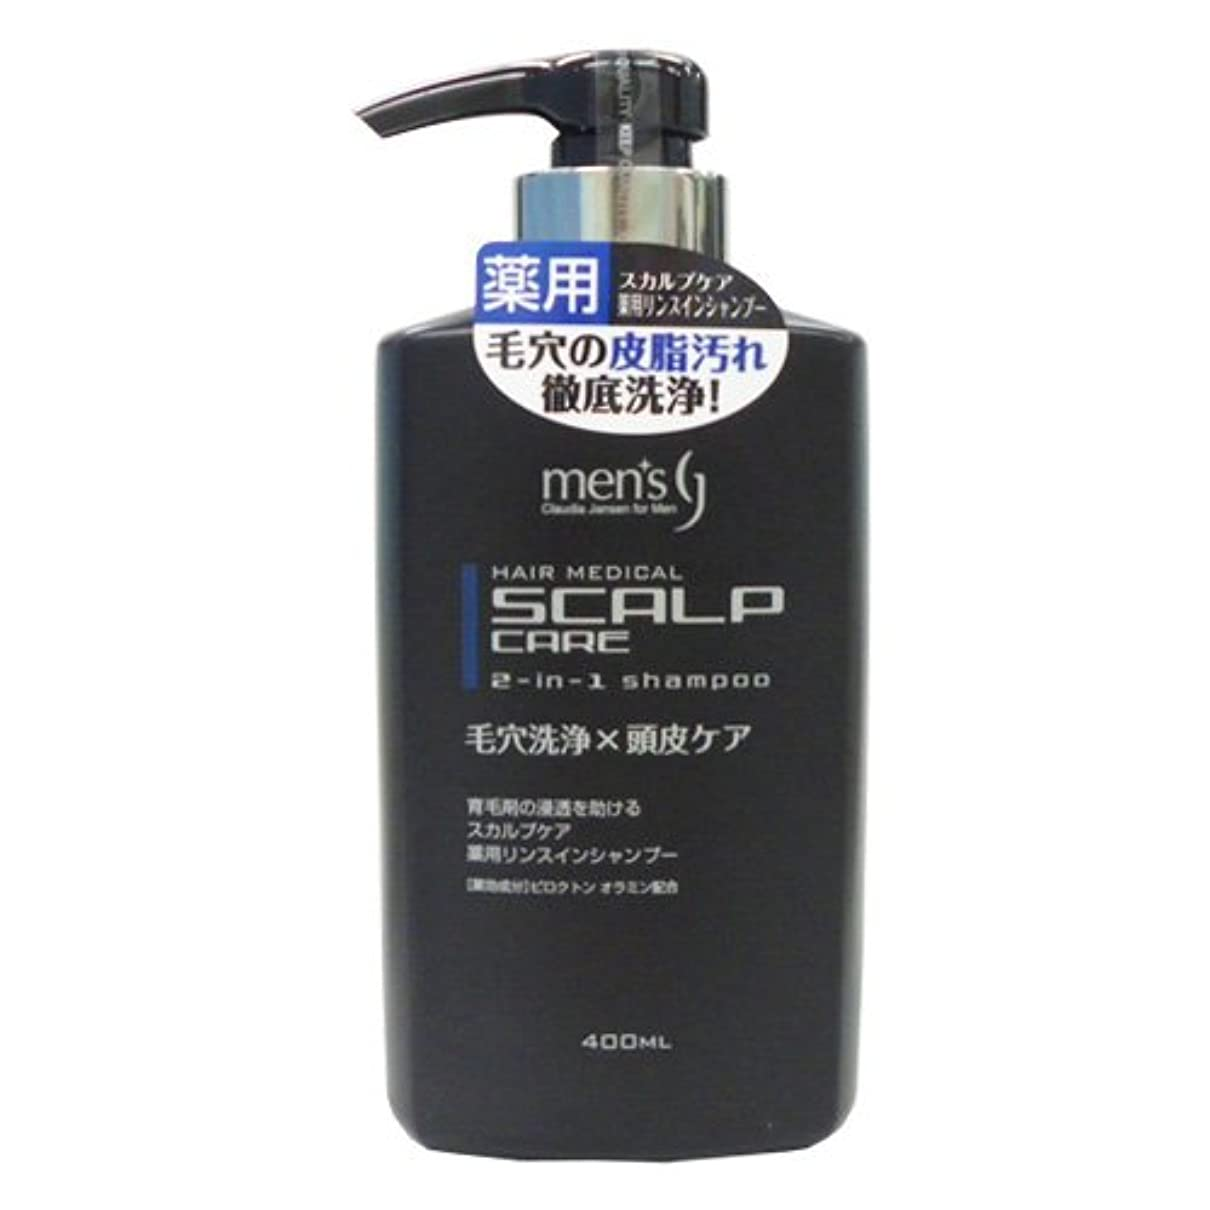 異なる争い深いスカルプケア薬用リンスインシャンプー 400ml 毛穴洗浄×頭皮ケア